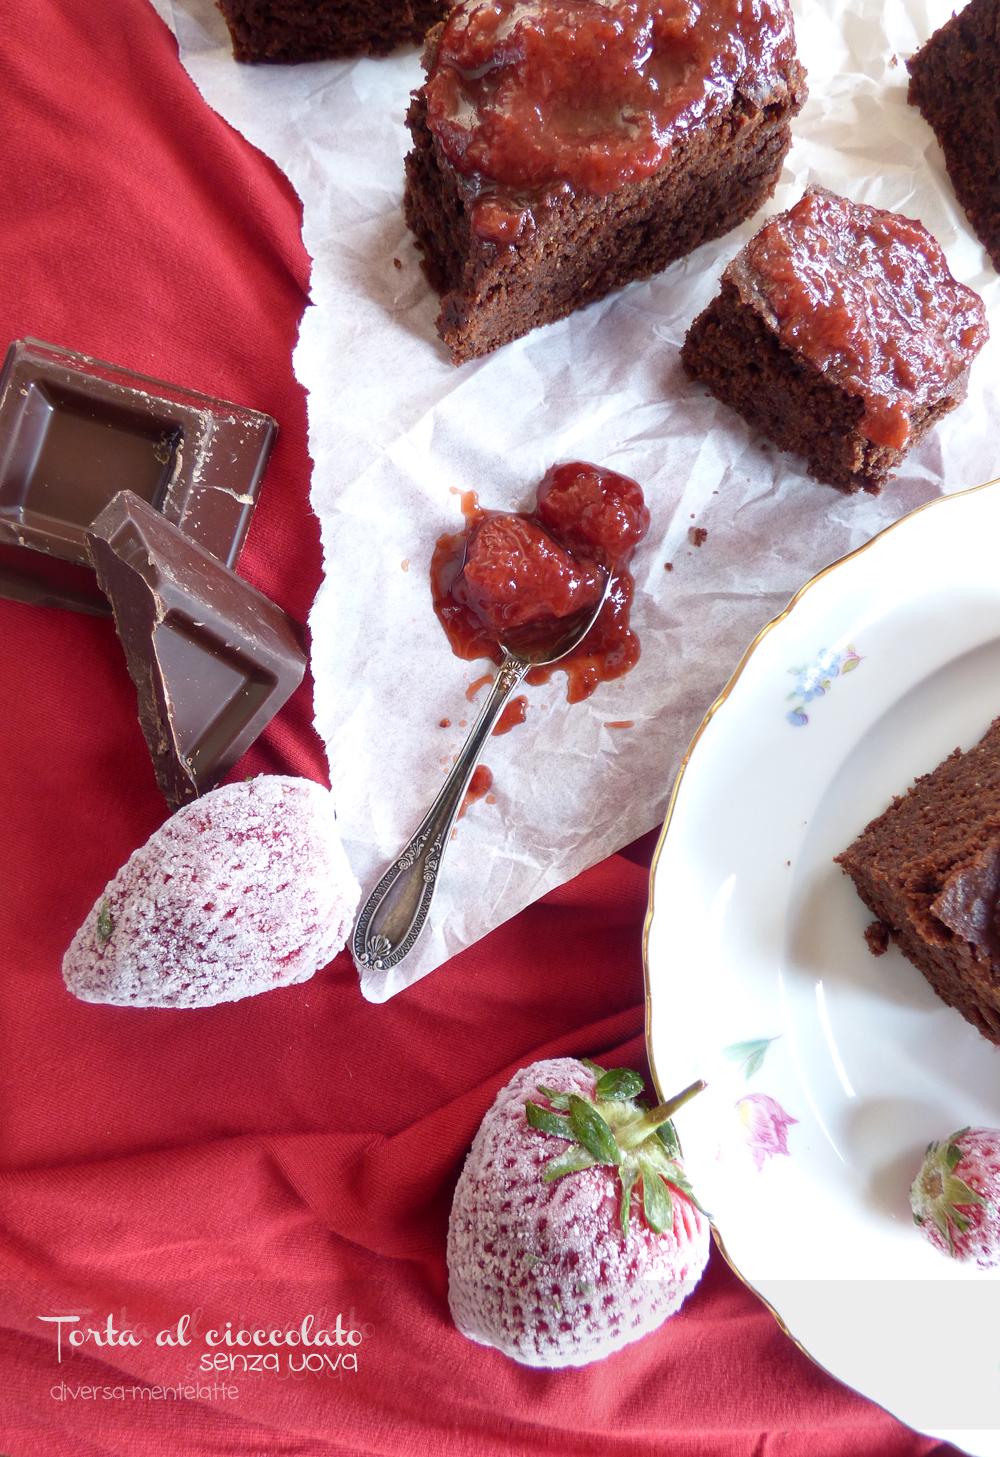 torta al cioccolato senza uova e senza burro